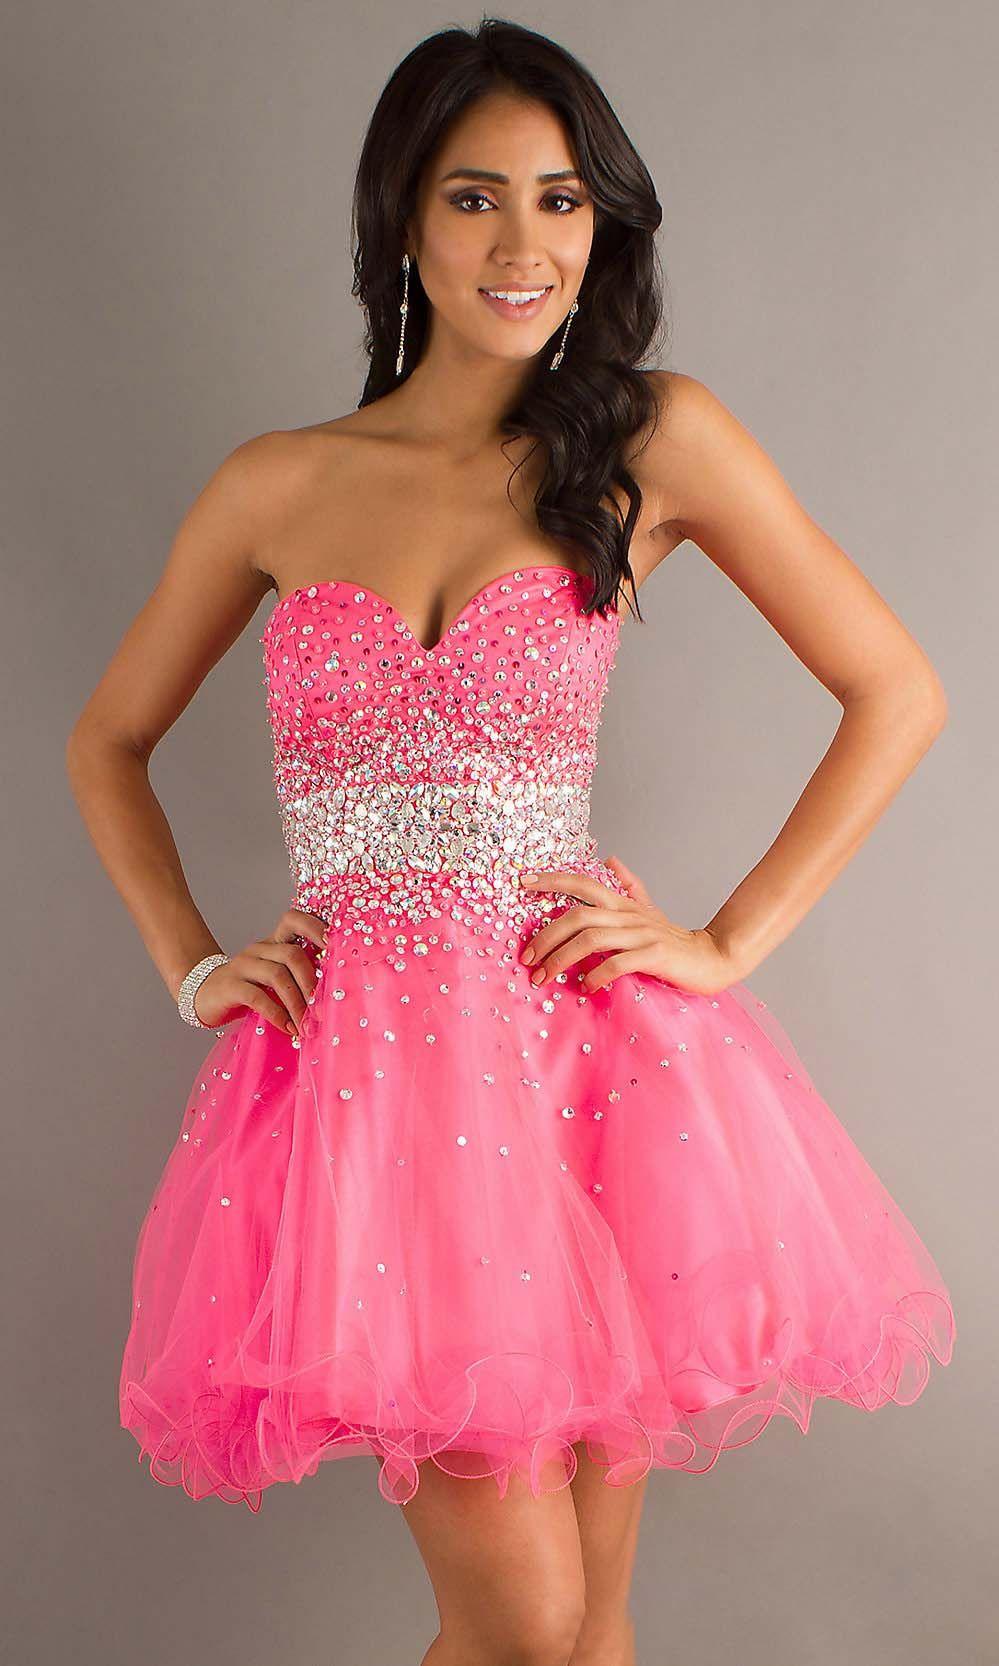 new prom dress short prom dress pink prom dress cute prom